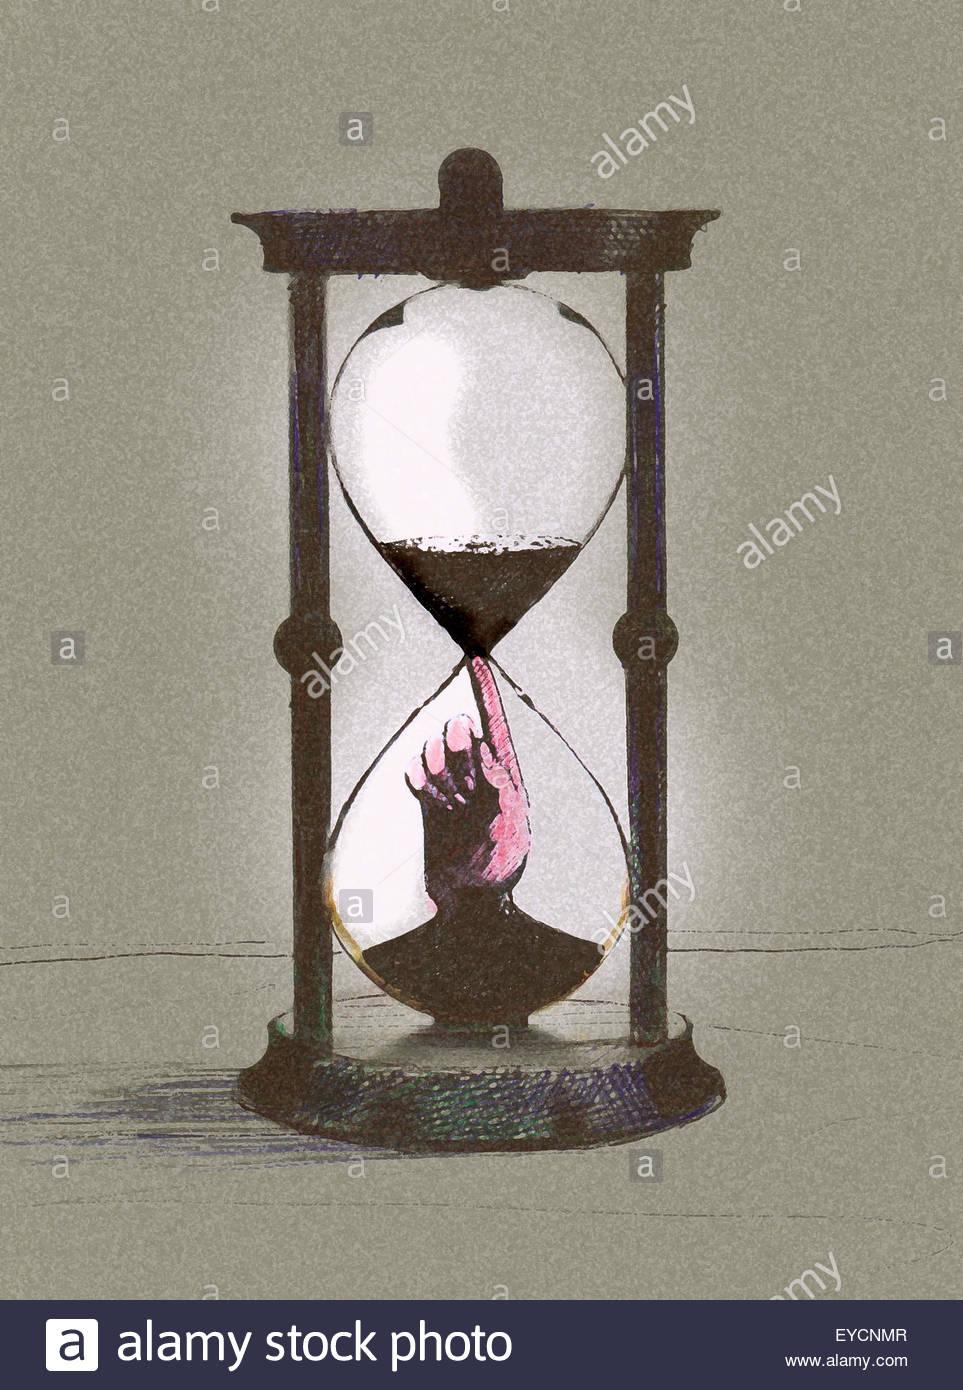 Mano dentro del tiempo de parada de reloj de arena se agote Imagen De Stock